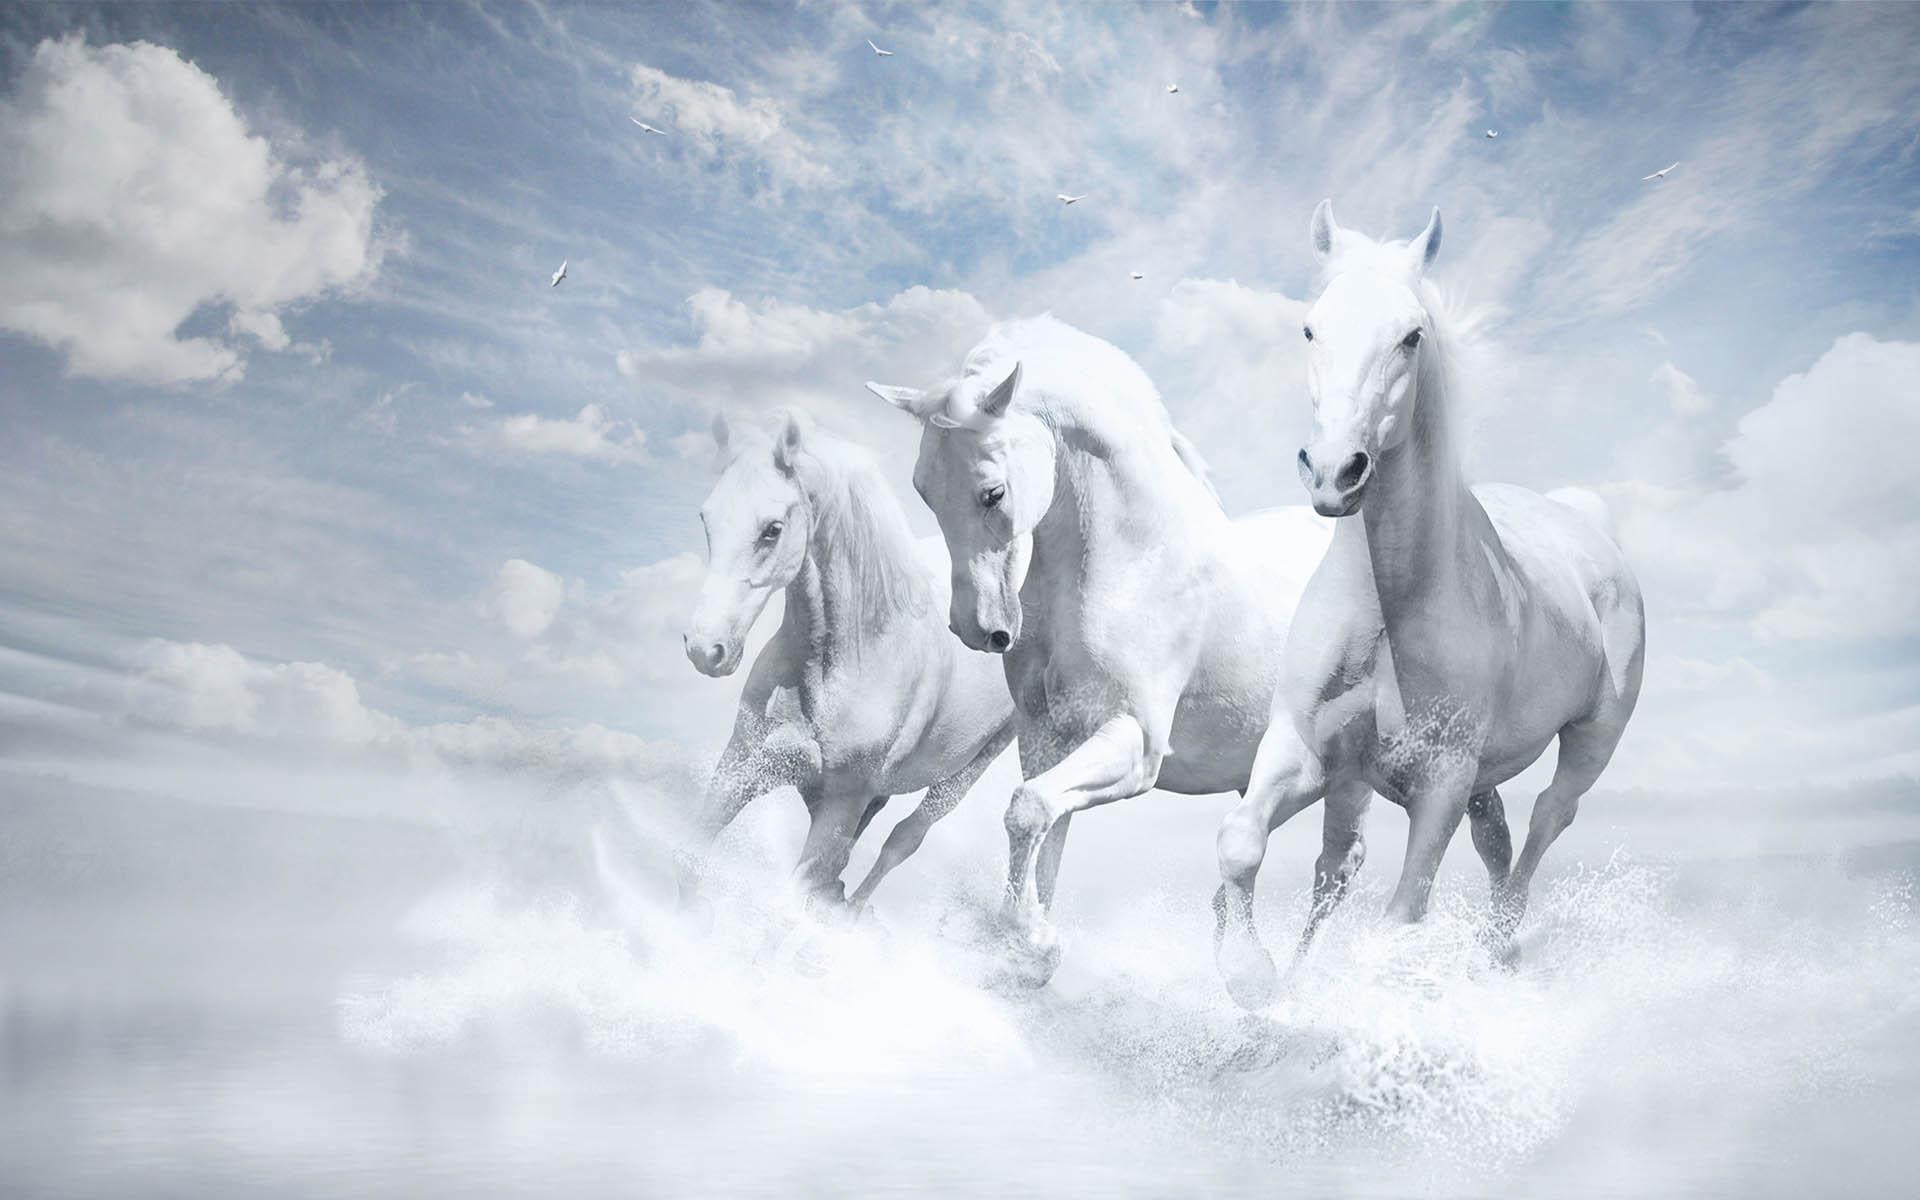 اسب های سفید